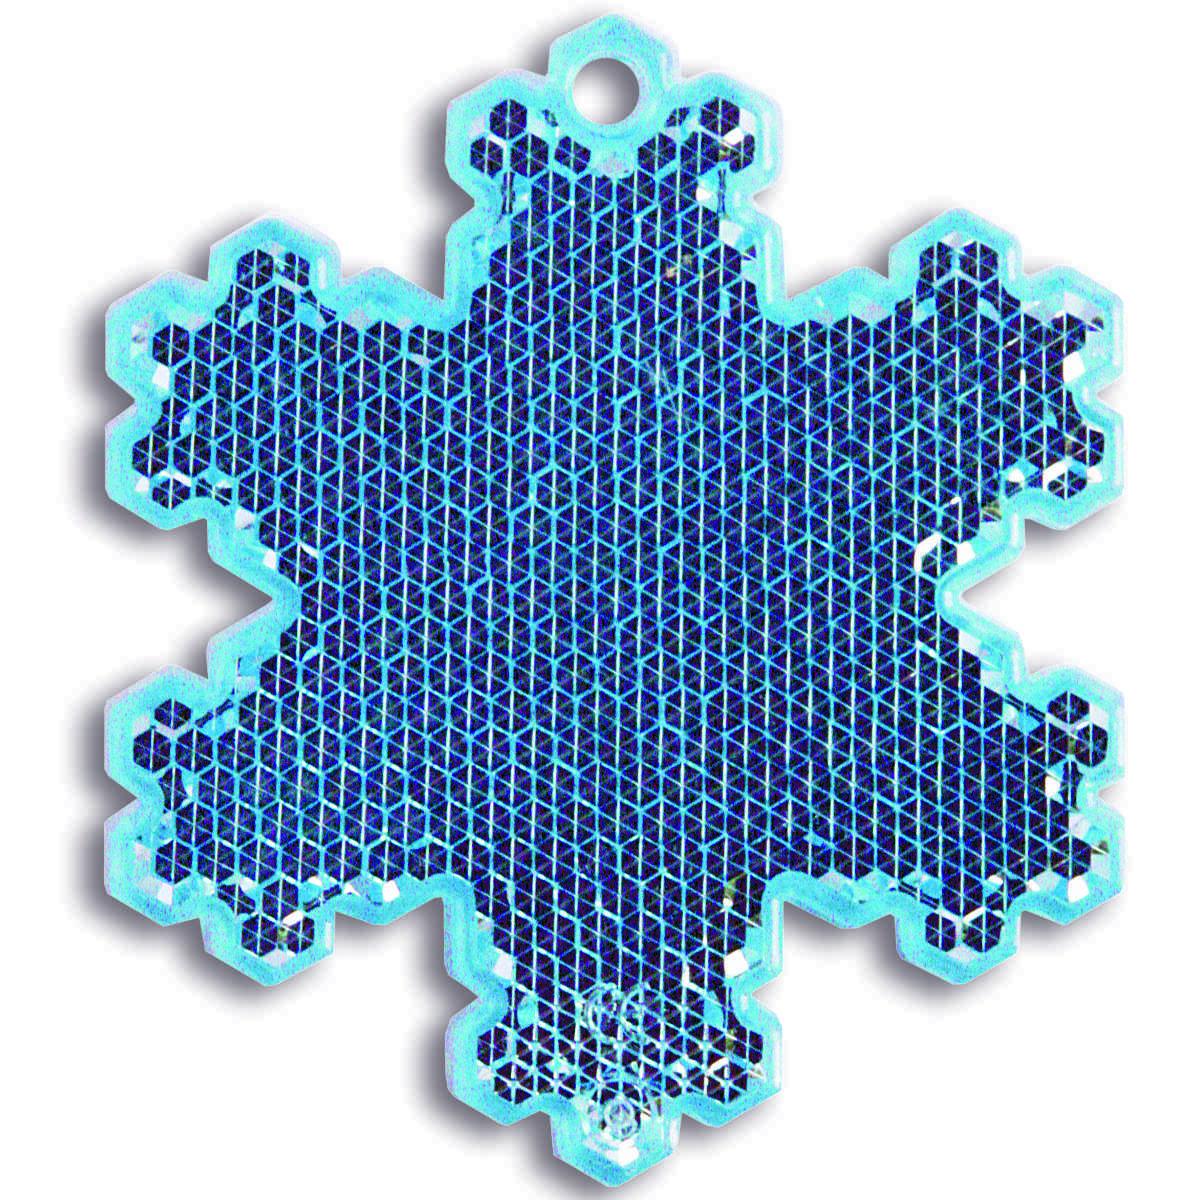 Мамасвет Светоотражатель пешеходный Снежинка цвет голубой0902-SAMСветоотражатель пешеходный Мамасвет Снежинка выполнен из высококачественного материала в виде подвески.Светоотражатель должен свободно раскачиваться и быть видимым со всех сторон. В комплект со светоотражателем входит специальное крепление - шариковая цепочка. В темное время суток движущийся пешеход становится виден в свете автомобильных фар только на расстоянии 30 метров - у водителя остается всего лишь 1,3 секунды на то, чтобы среагировать. Пешеход же со светоотражателем заметен уже на расстоянии 150-400 метров, и у водителя есть целых 7 секунд, чтобы объехать его и избежать ДТП.Специалисты считают, что в темноте риск для пешехода стать жертвой ДТП или спровоцировать аварию возрастает в два раза, а у пешехода без светоотражателя он почти в десять раз выше, чем у того, кто использует это полезное изобретение.